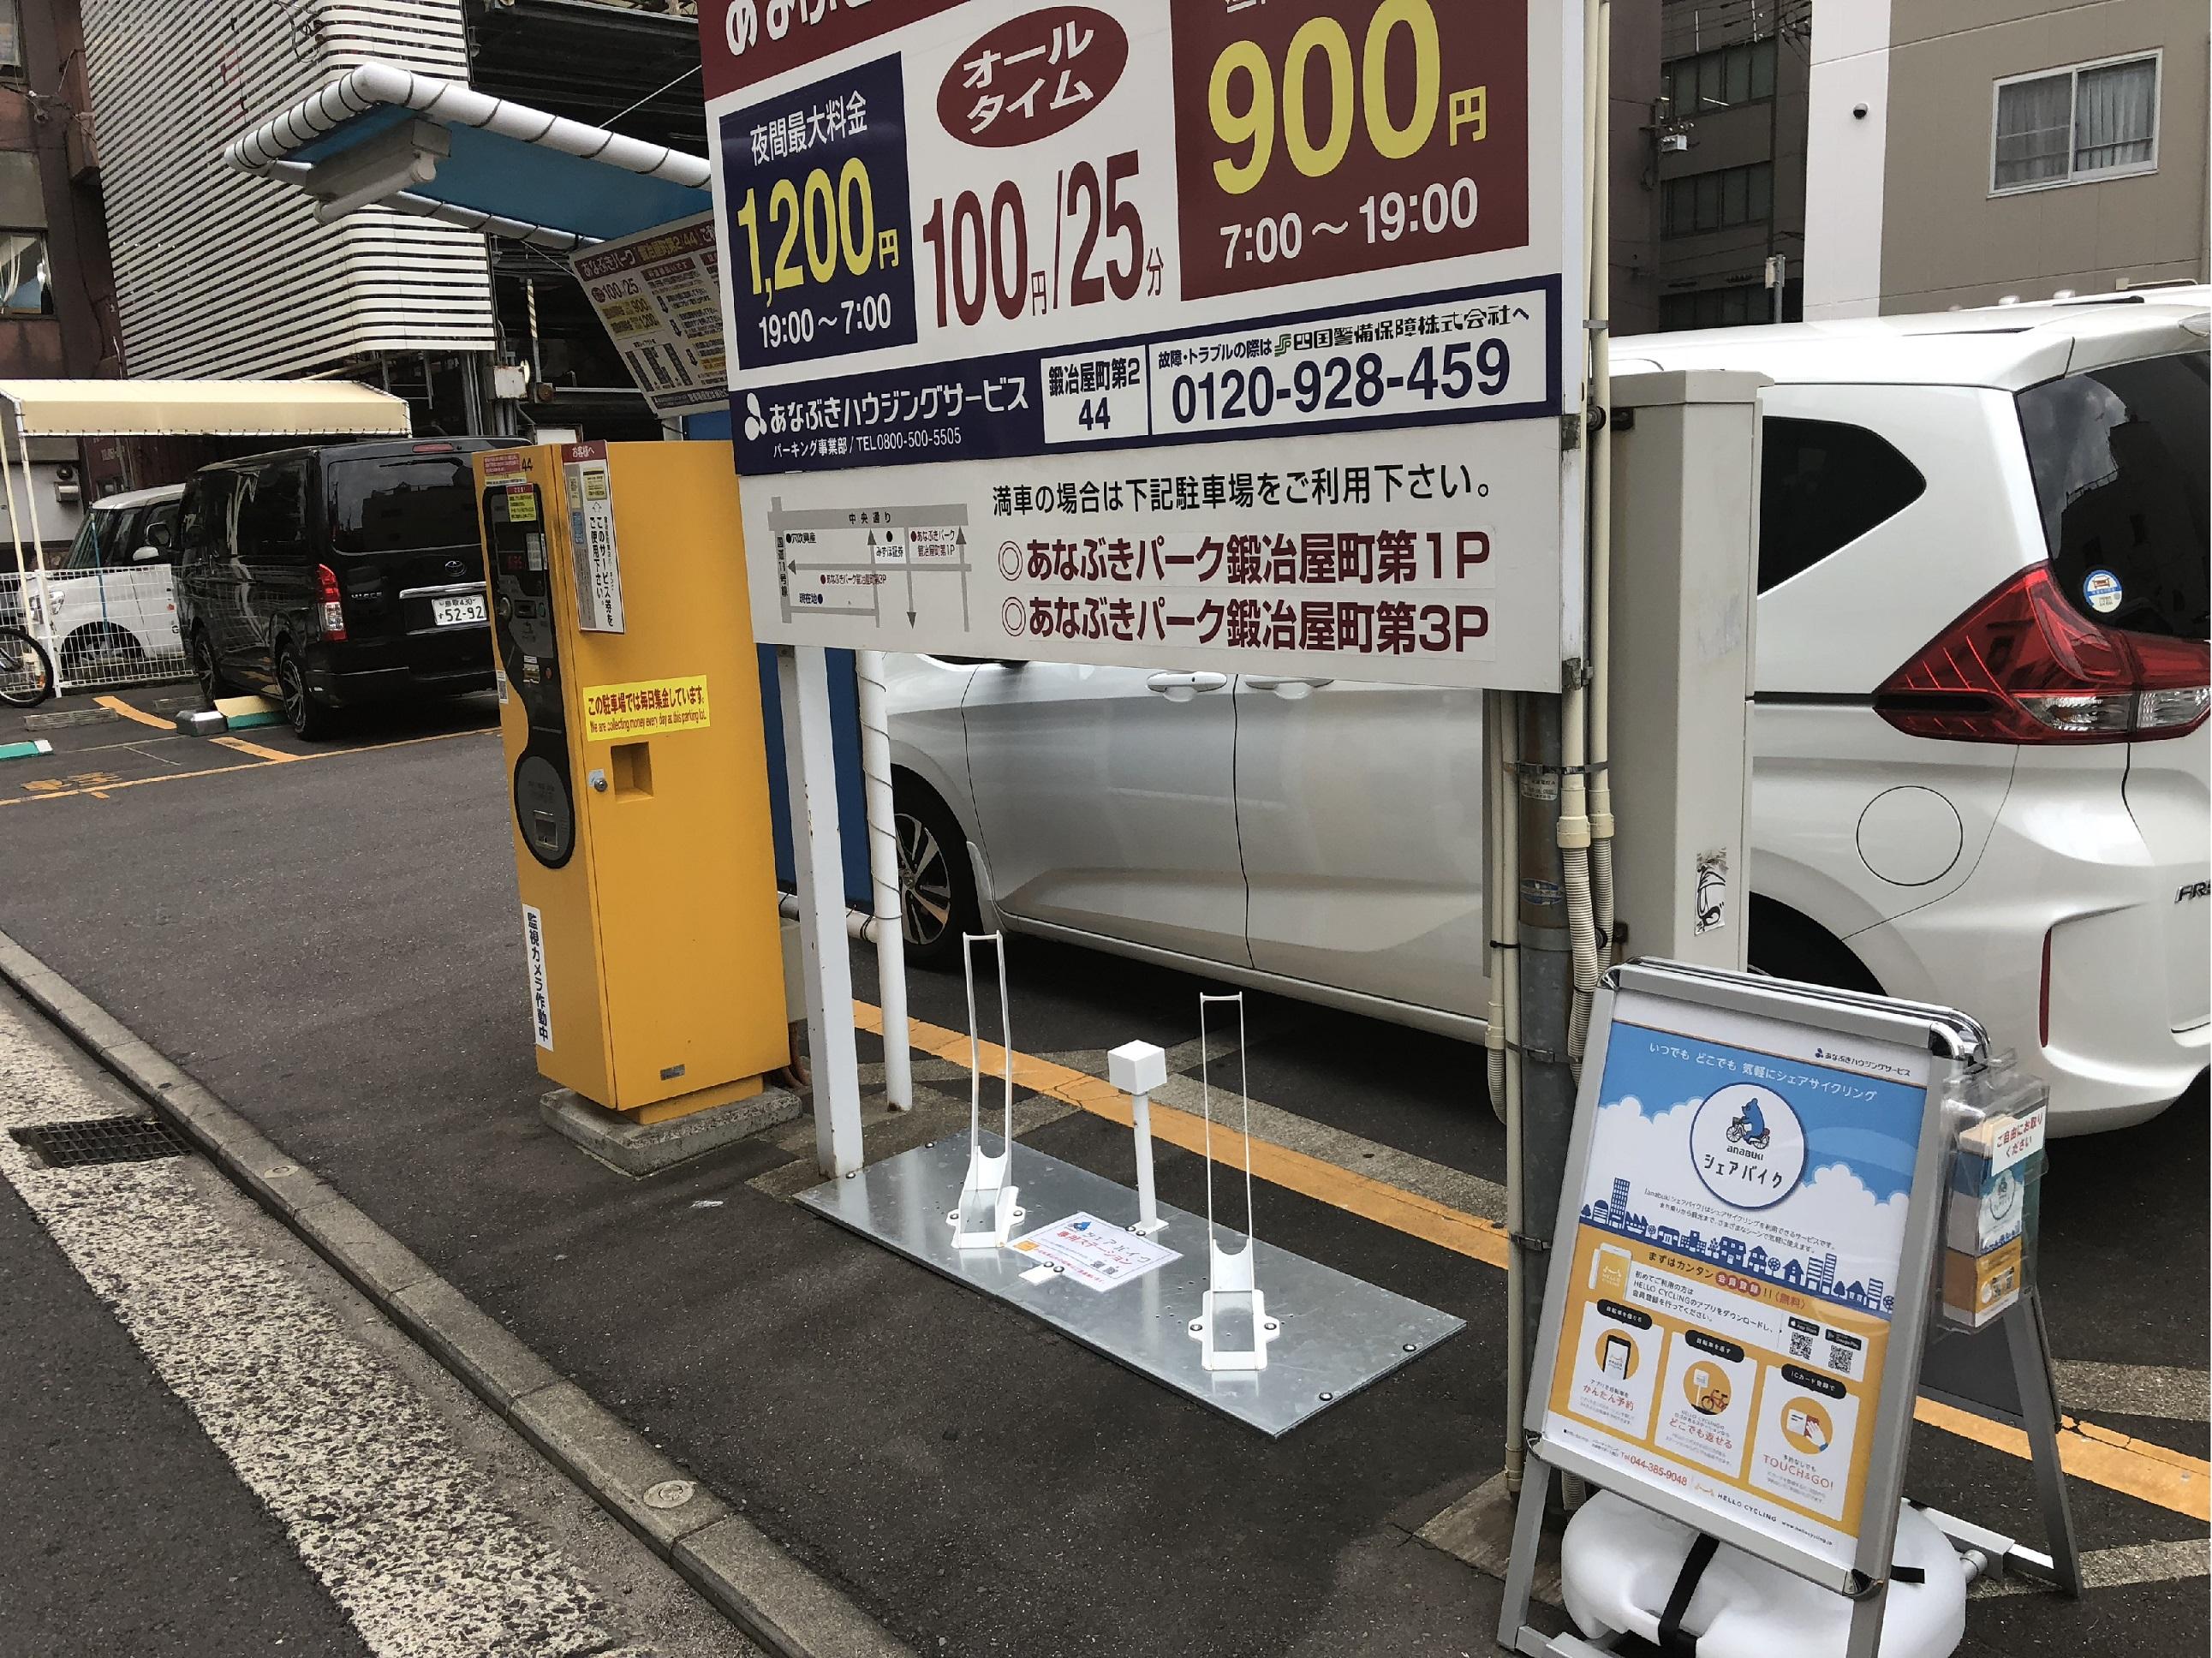 丸亀町グリーン西側 (HELLO CYCLING ポート) image